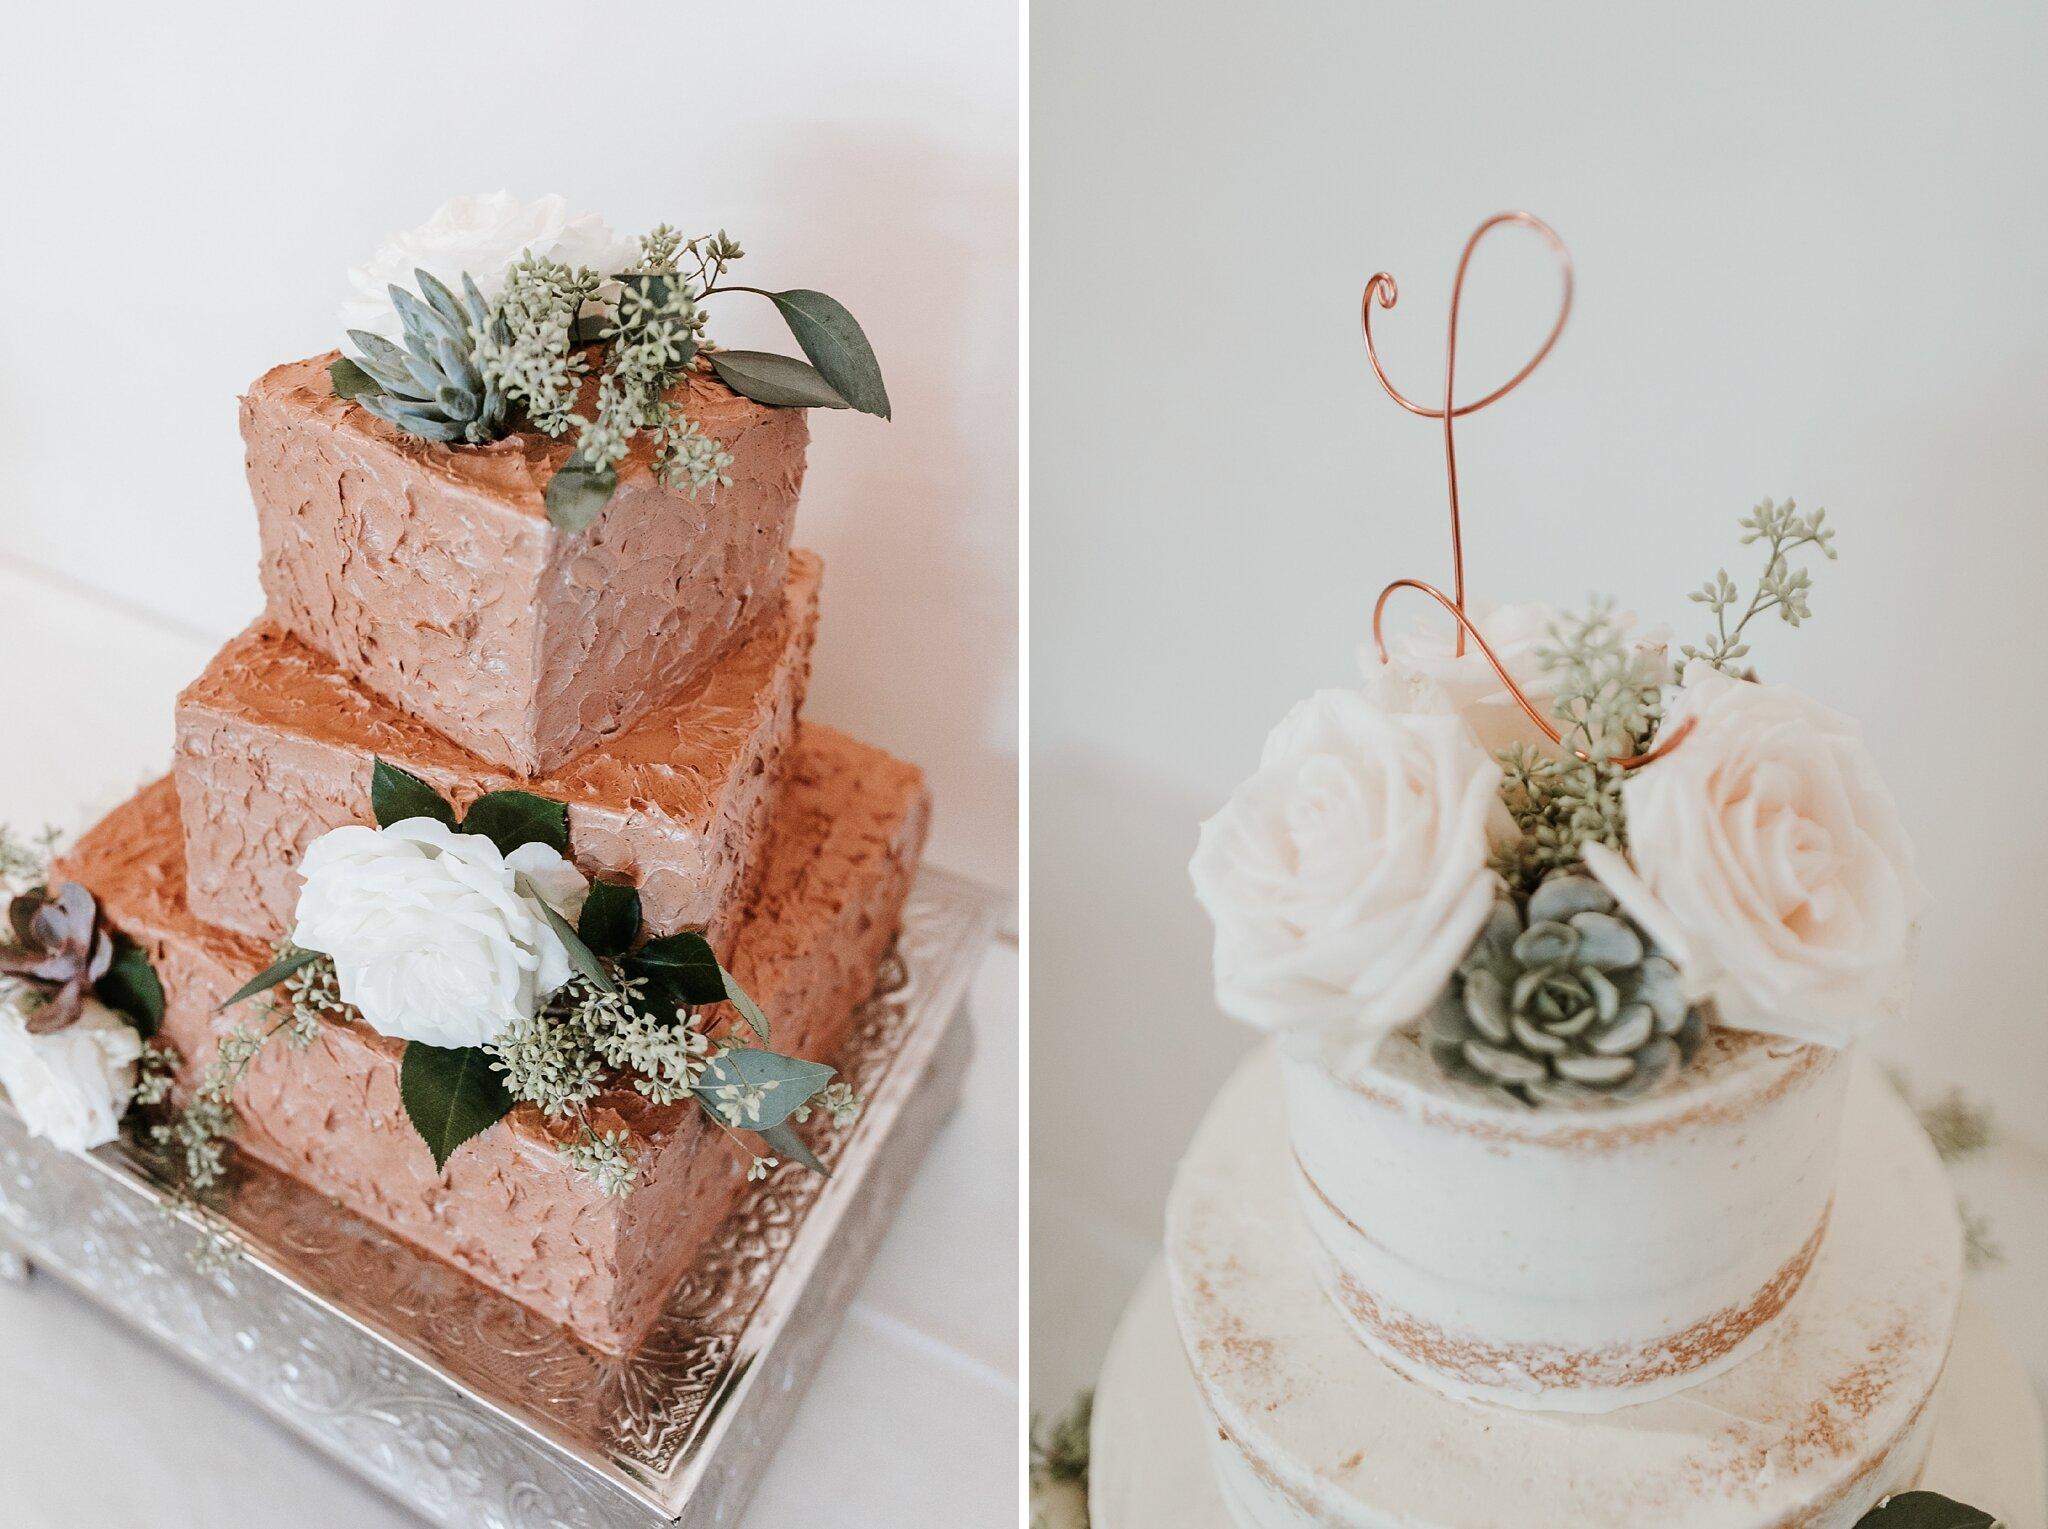 Alicia+lucia+photography+-+albuquerque+wedding+photographer+-+santa+fe+wedding+photography+-+new+mexico+wedding+photographer+-+new+mexico+wedding+-+wedding+-+wedding+cakes+-+flroal+cake+-+santa+fe+cake+-+santa+fe+baker_0007.jpg